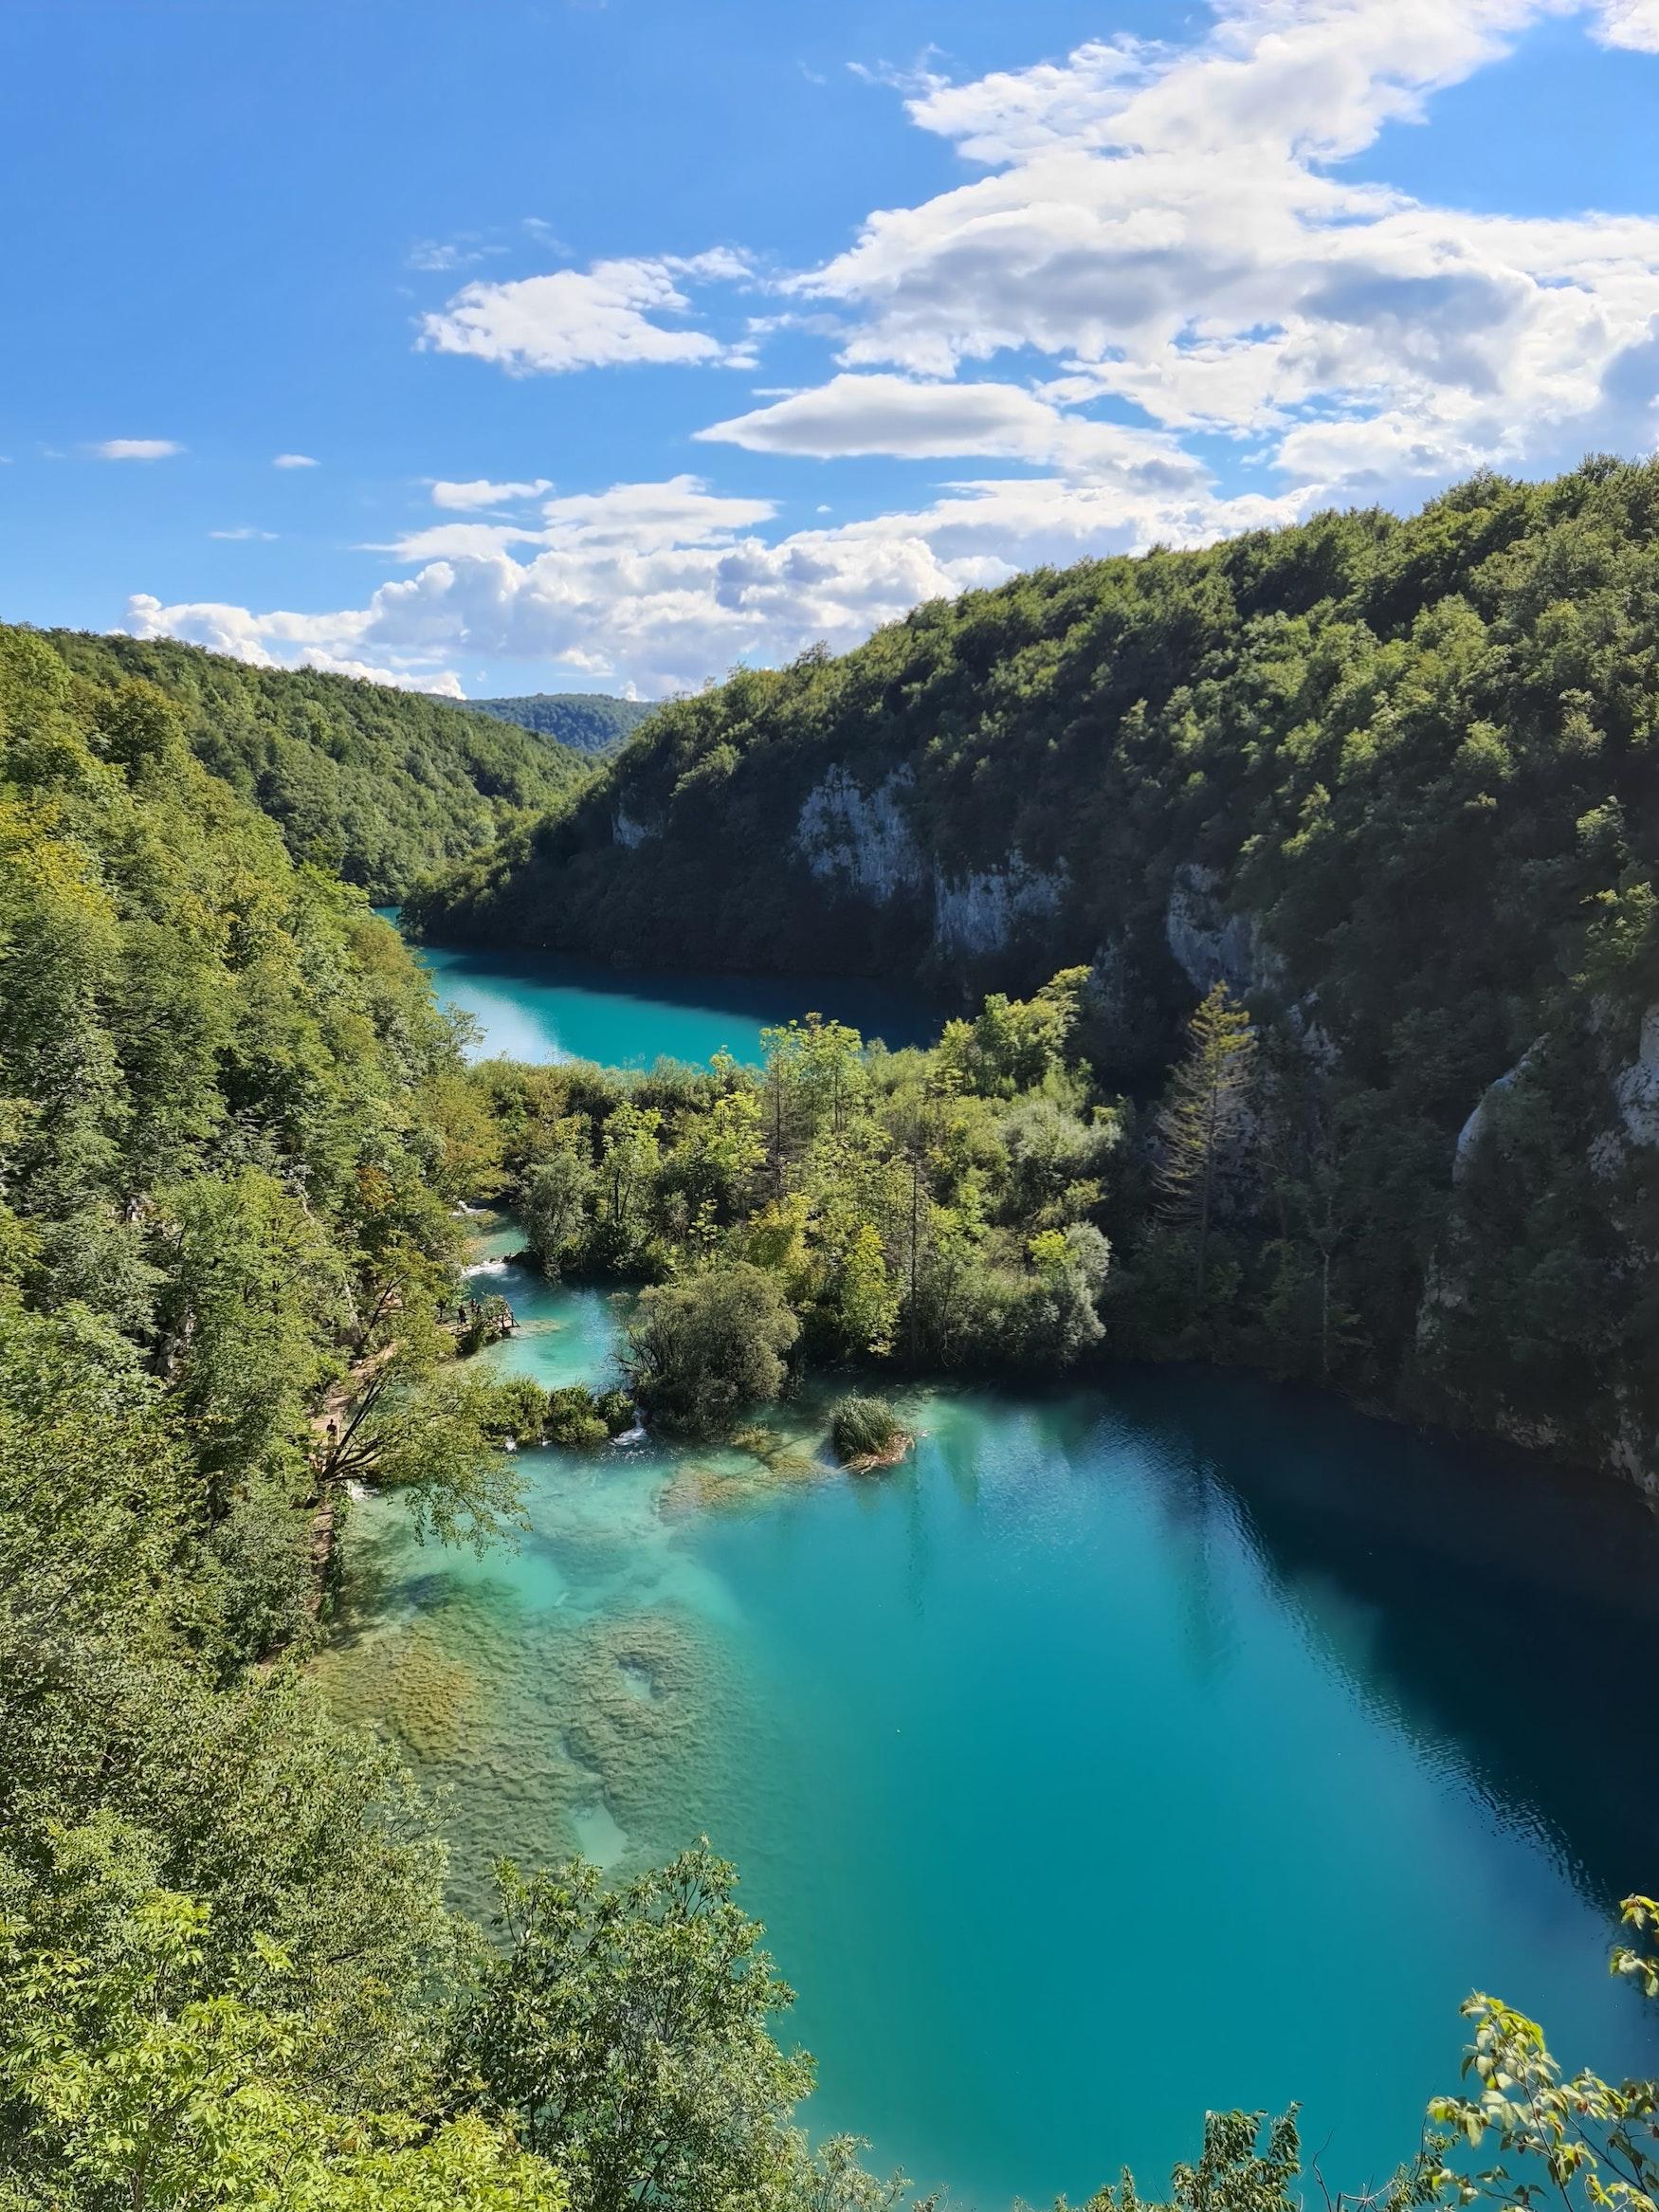 Aussicht auf türkisfarbenen Fluss im Plitvice Nationalpark